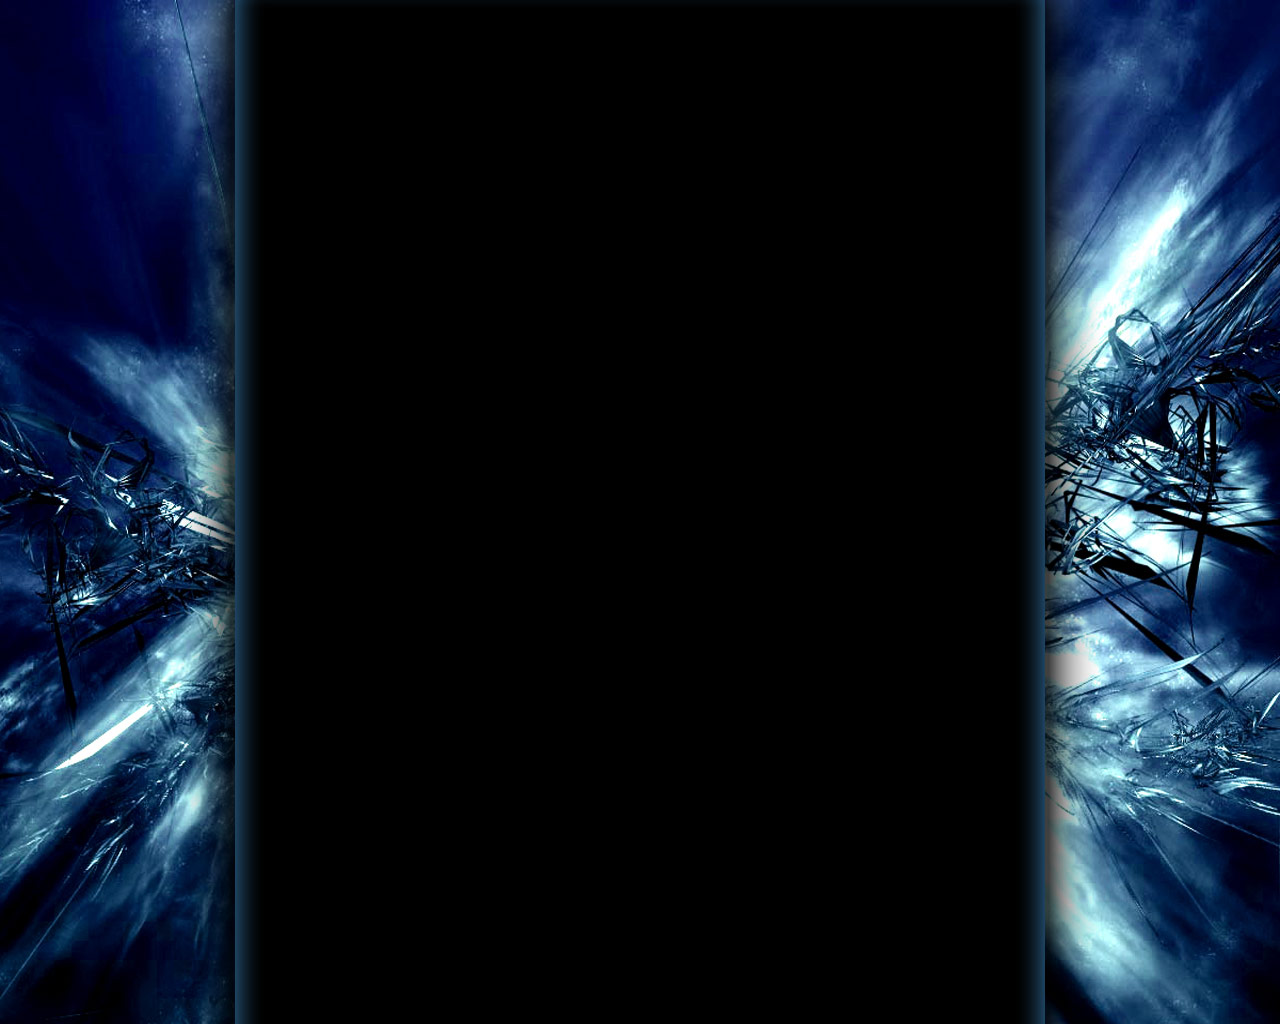 космос фон для сайта: